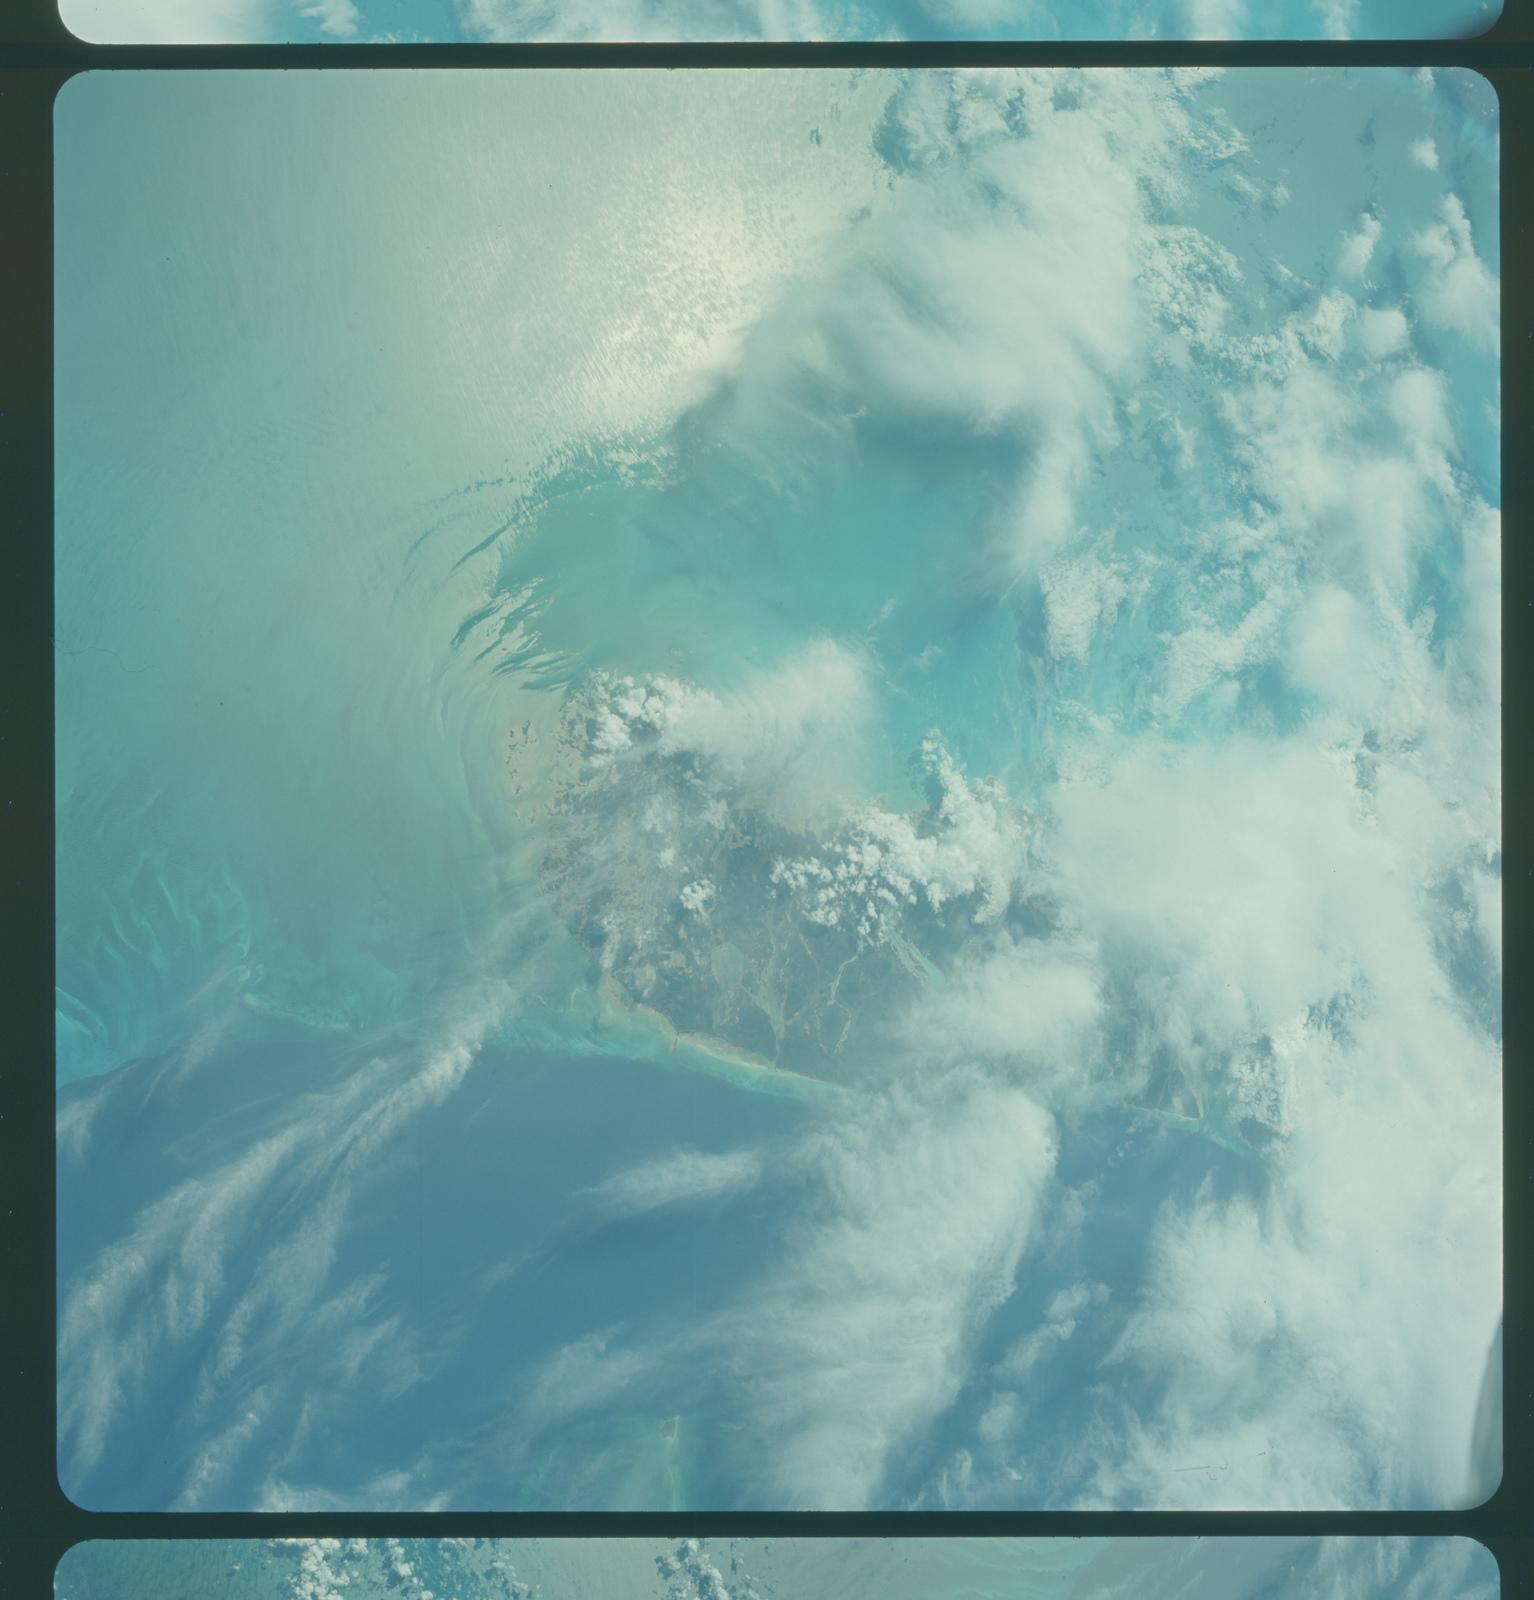 Gemini IV Mission Image -  Andros Island, Bahamas